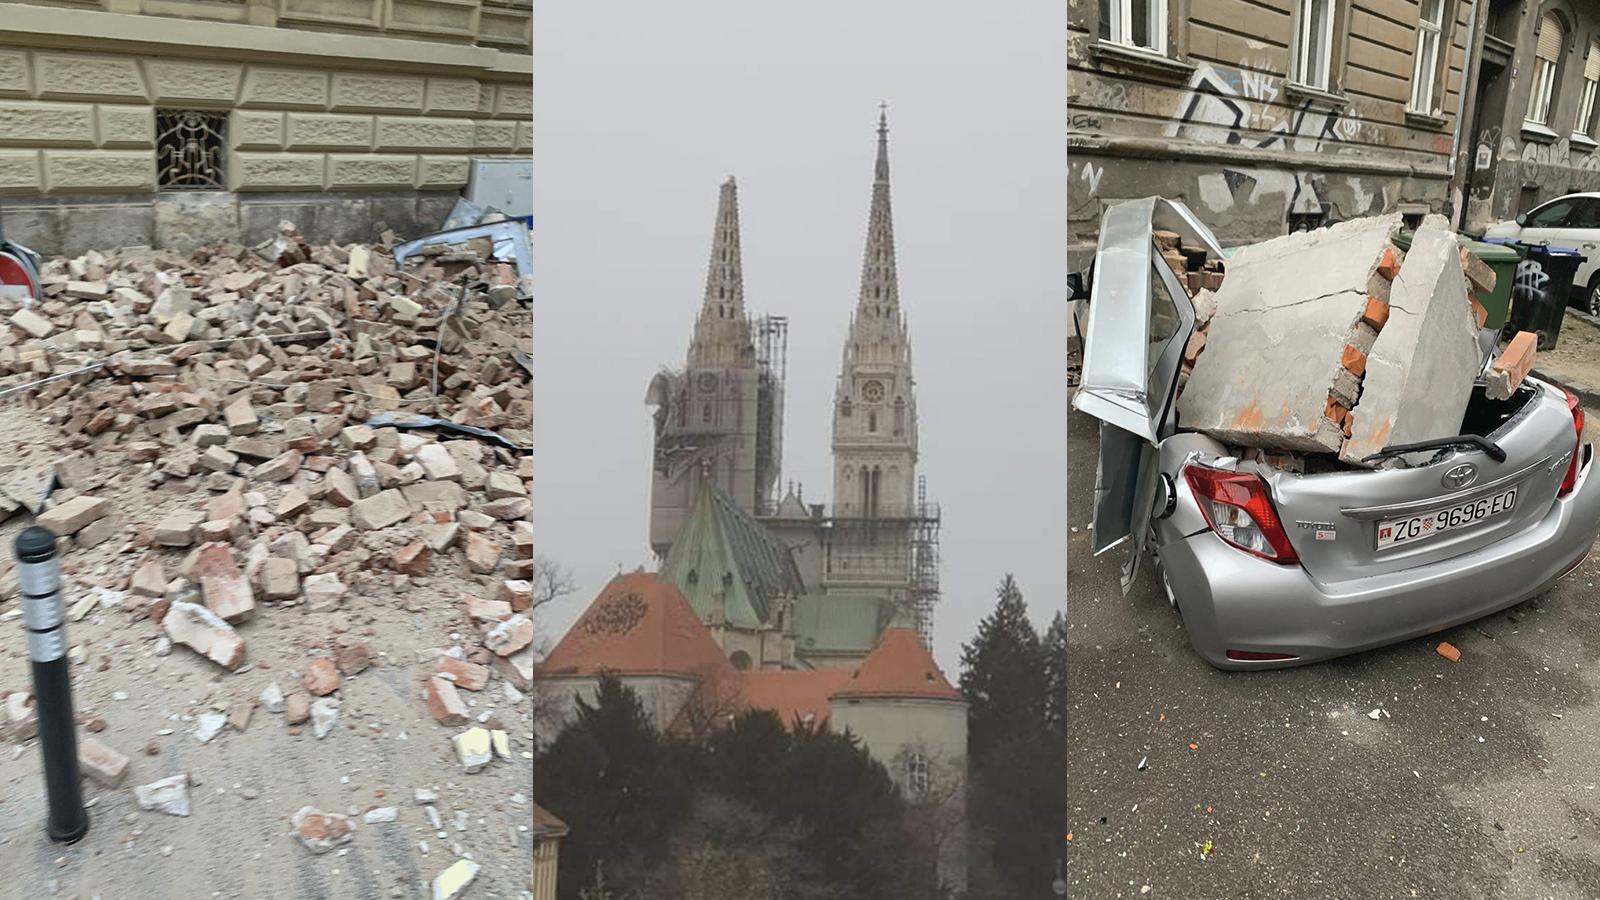 Tri Jaka Potresa Pogodila Zagreb Stanovnici Glavnog Grada Izasli Iz Stanova Ima Stete I Ozlijeđenih